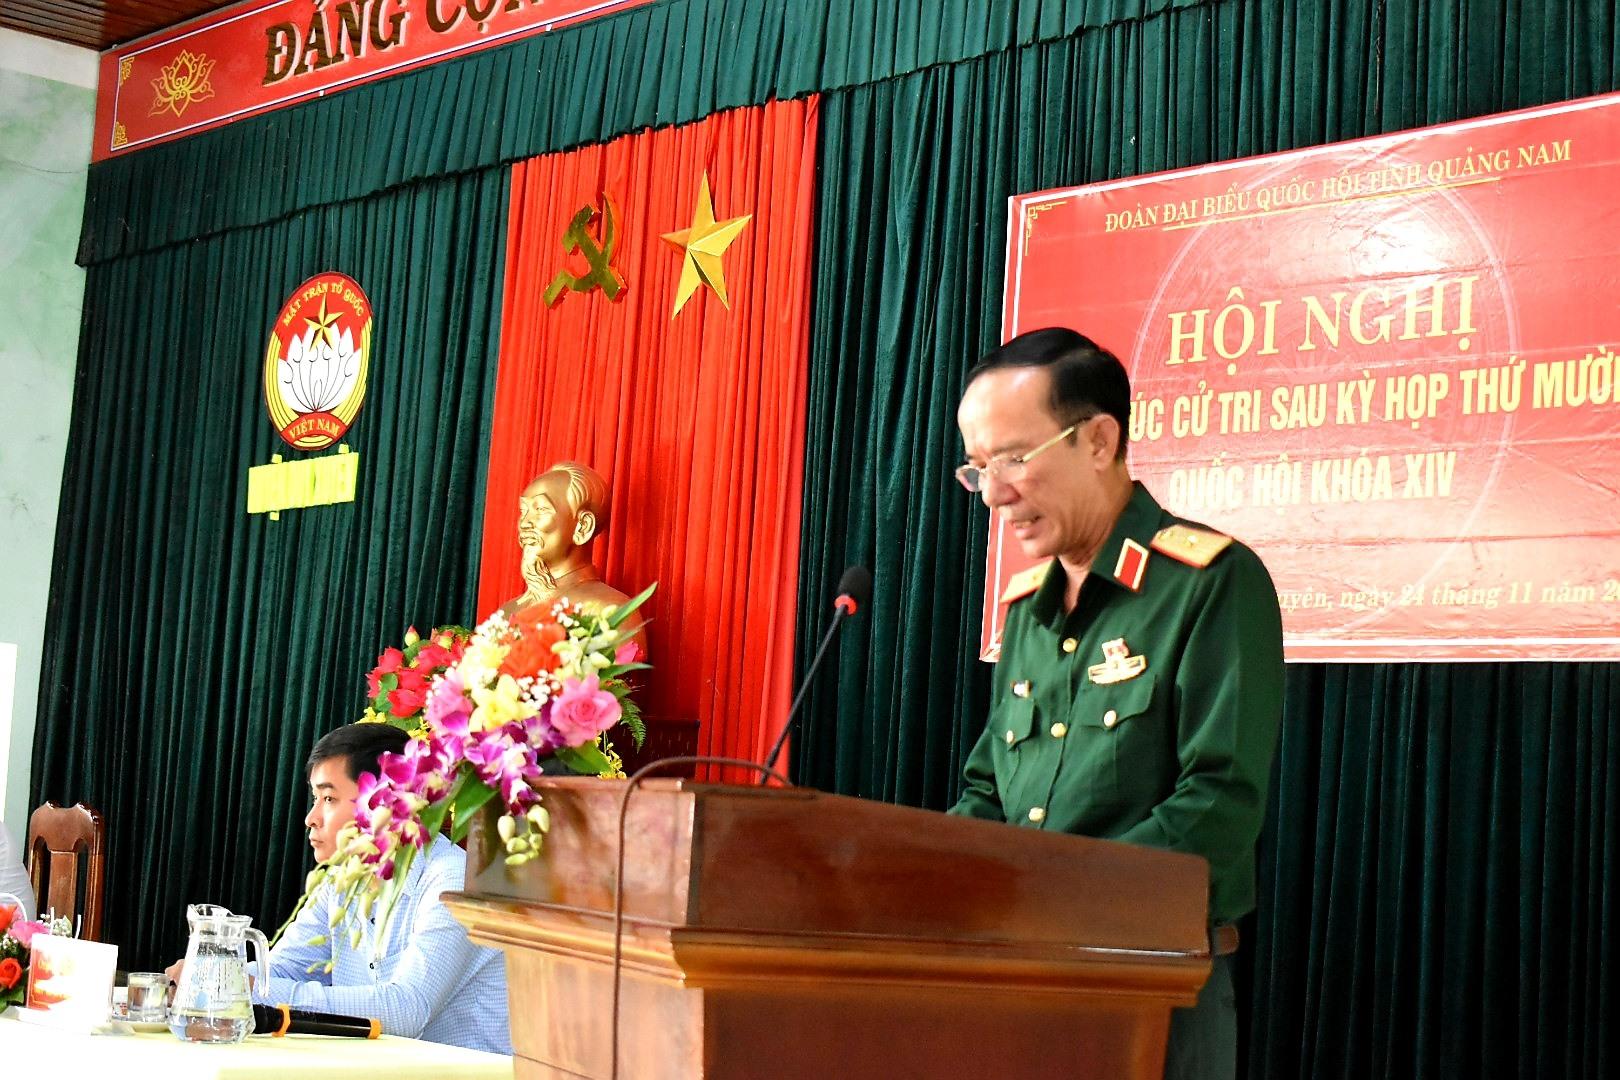 Thiếu tướng Nguyễn Đình Tiến thông tin đến cử tri Duy Xuyên những nội dung quan trọng của Kỳ họp thứ 10, Quốc hội khóa XIV.  Ảnh: VĂN SỰ